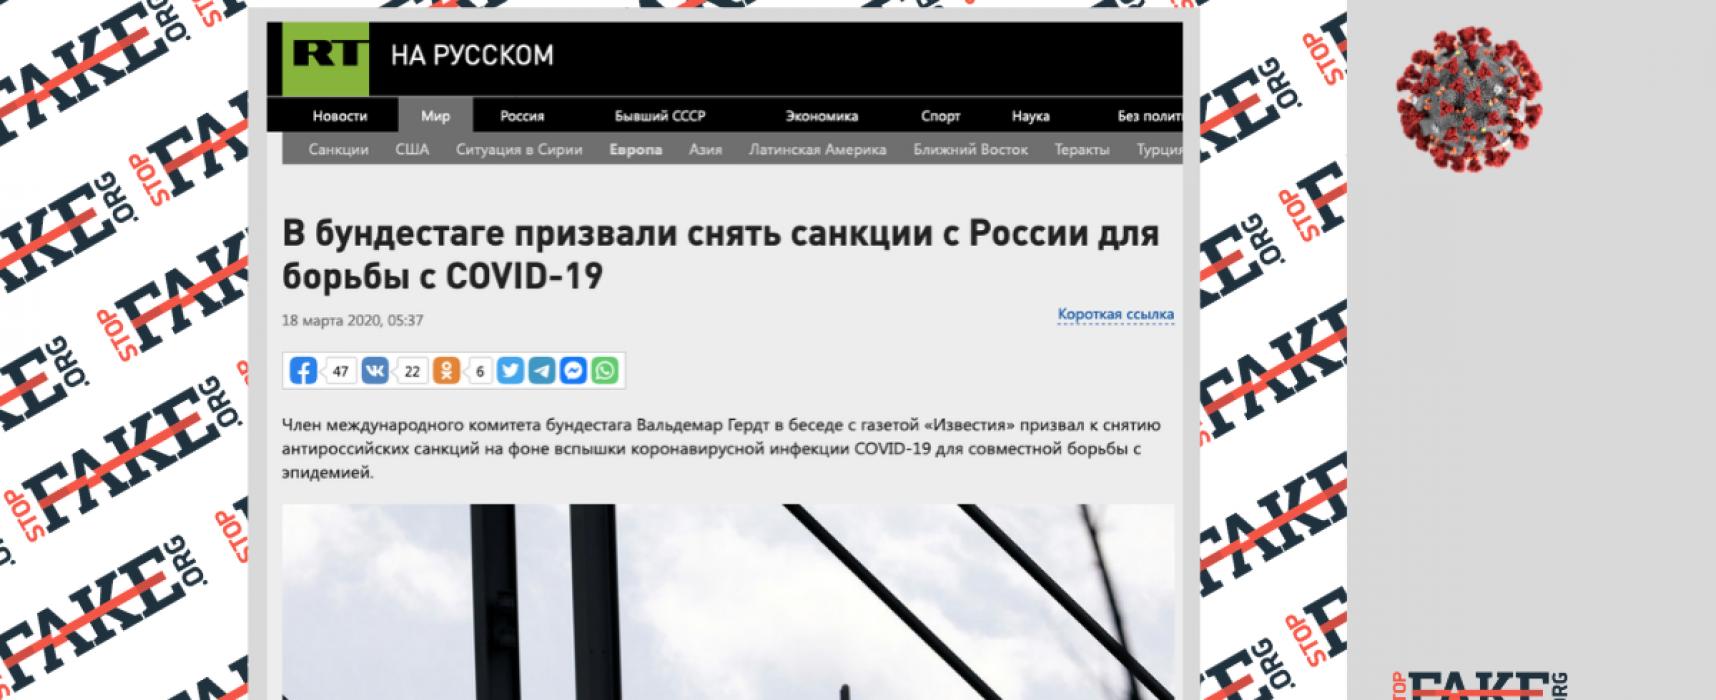 Фейк: У Бундестазі закликали зняти санкції з Росії для боротьби з COVID-19